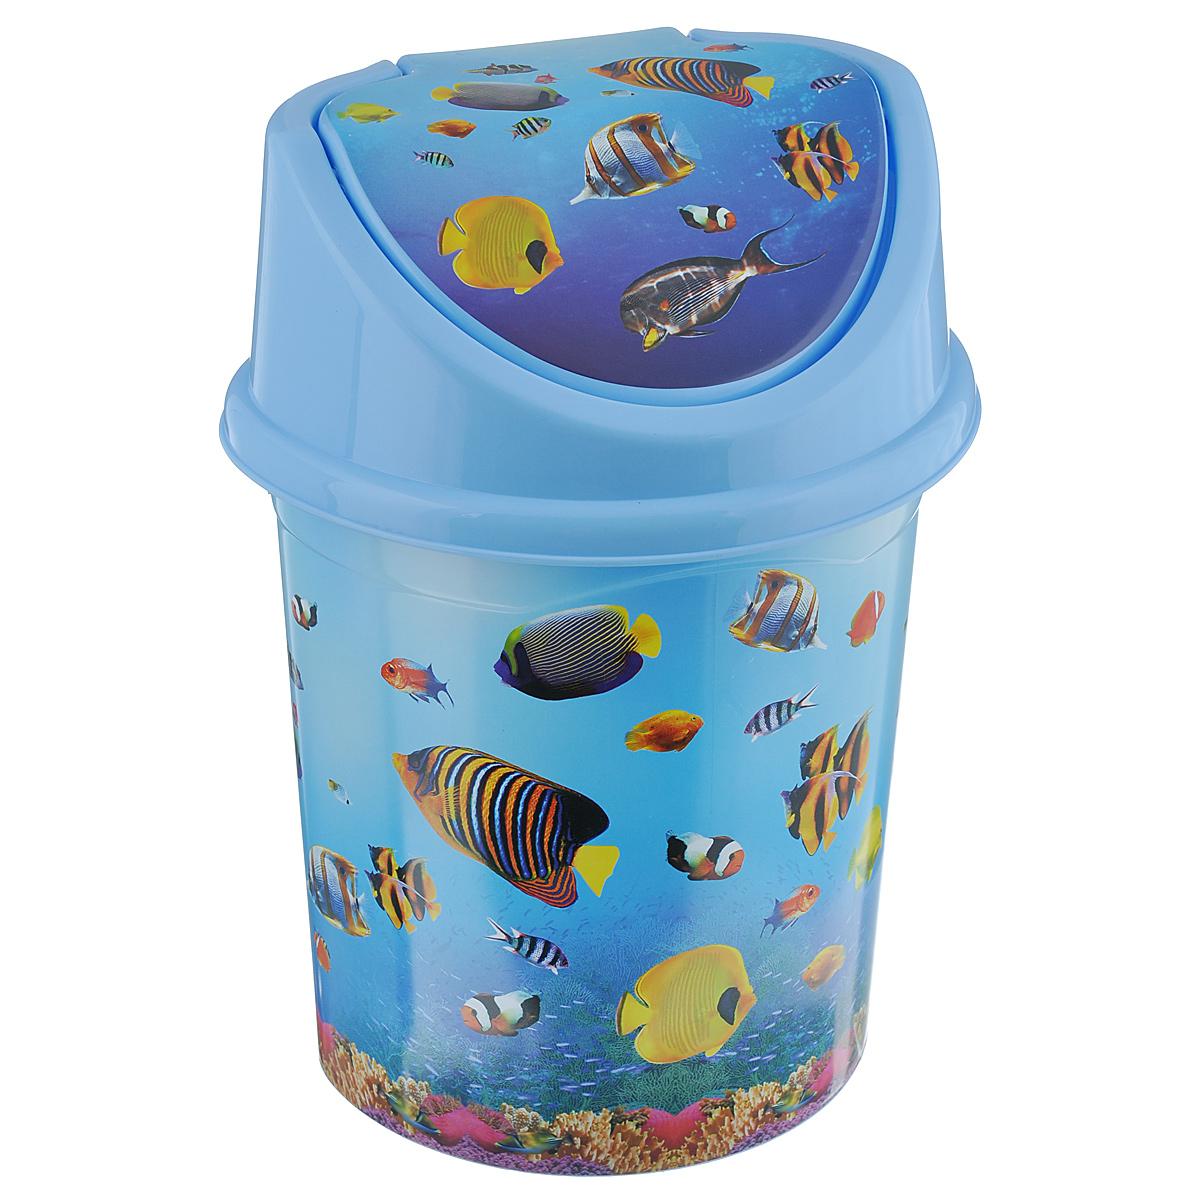 Контейнер для мусора Violet Океан, цвет: голубой, синий, желтый, 4 л0404/79Контейнер для мусора Violet Океан изготовлен из прочного пластика. Контейнер снабжен удобной съемной крышкой с подвижной перегородкой. В нем удобно хранить мелкий мусор. Благодаря яркому дизайну такой контейнер идеально впишется в интерьер и дома, и офиса. Размер изделия: 16 см x 20 см x 27 см.